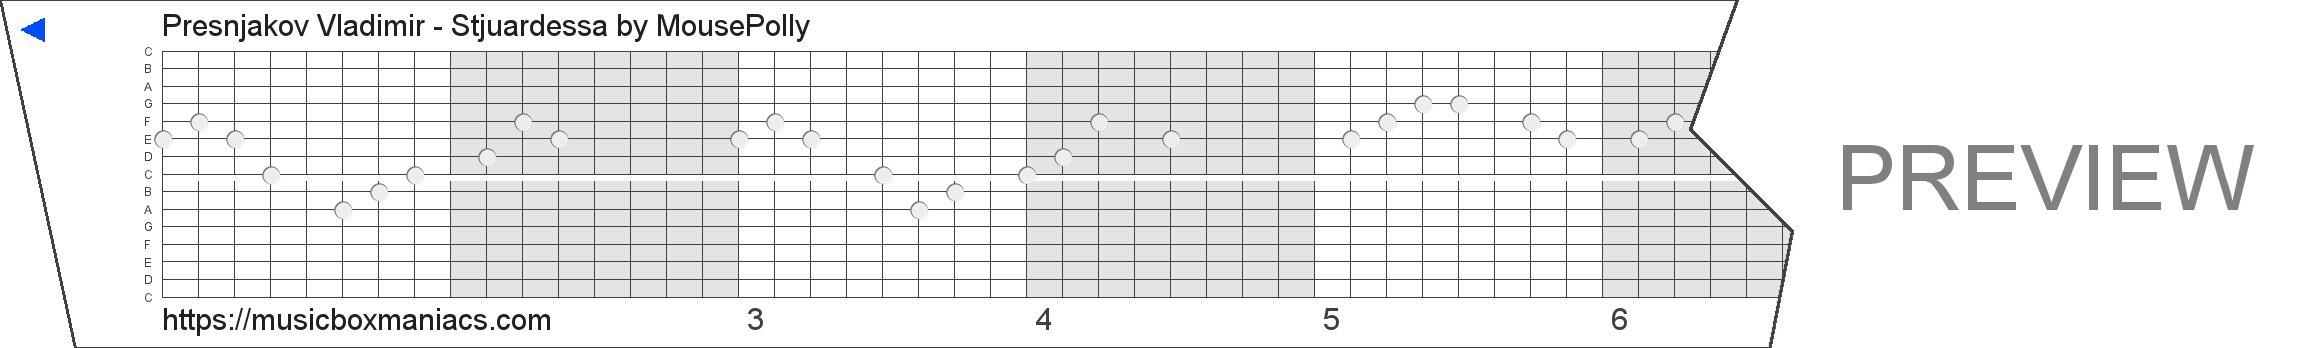 Presnjakov Vladimir - Stjuardessa 15 note music box paper strip